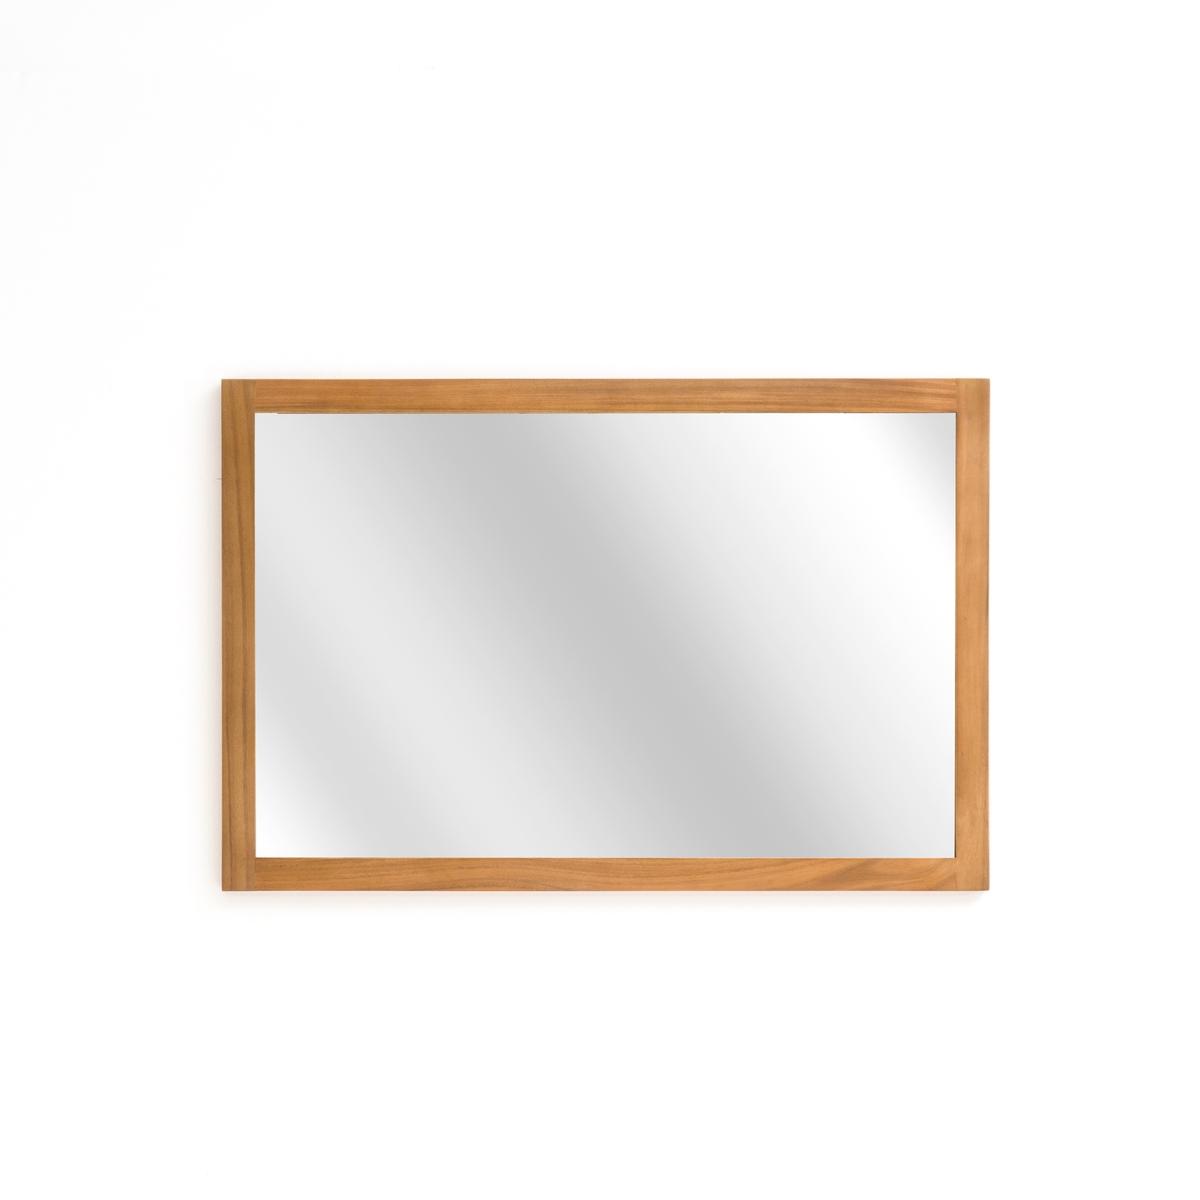 Зеркало прямоугольное для ванной комнаты, 90 см